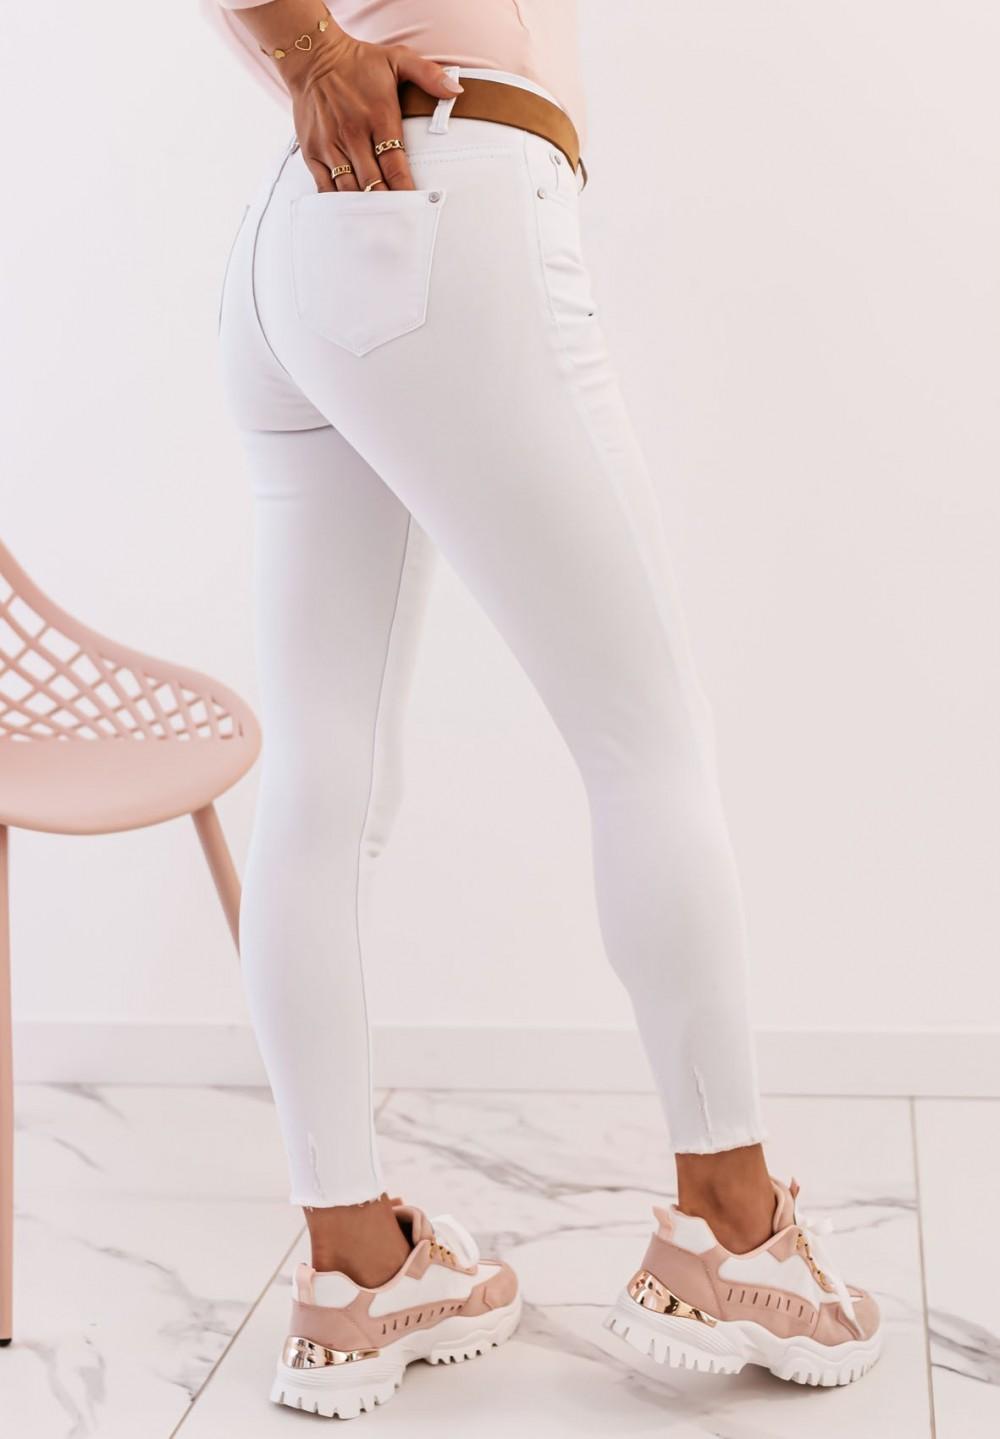 Spodnie Jeansy z Przetarciami Białe Monis